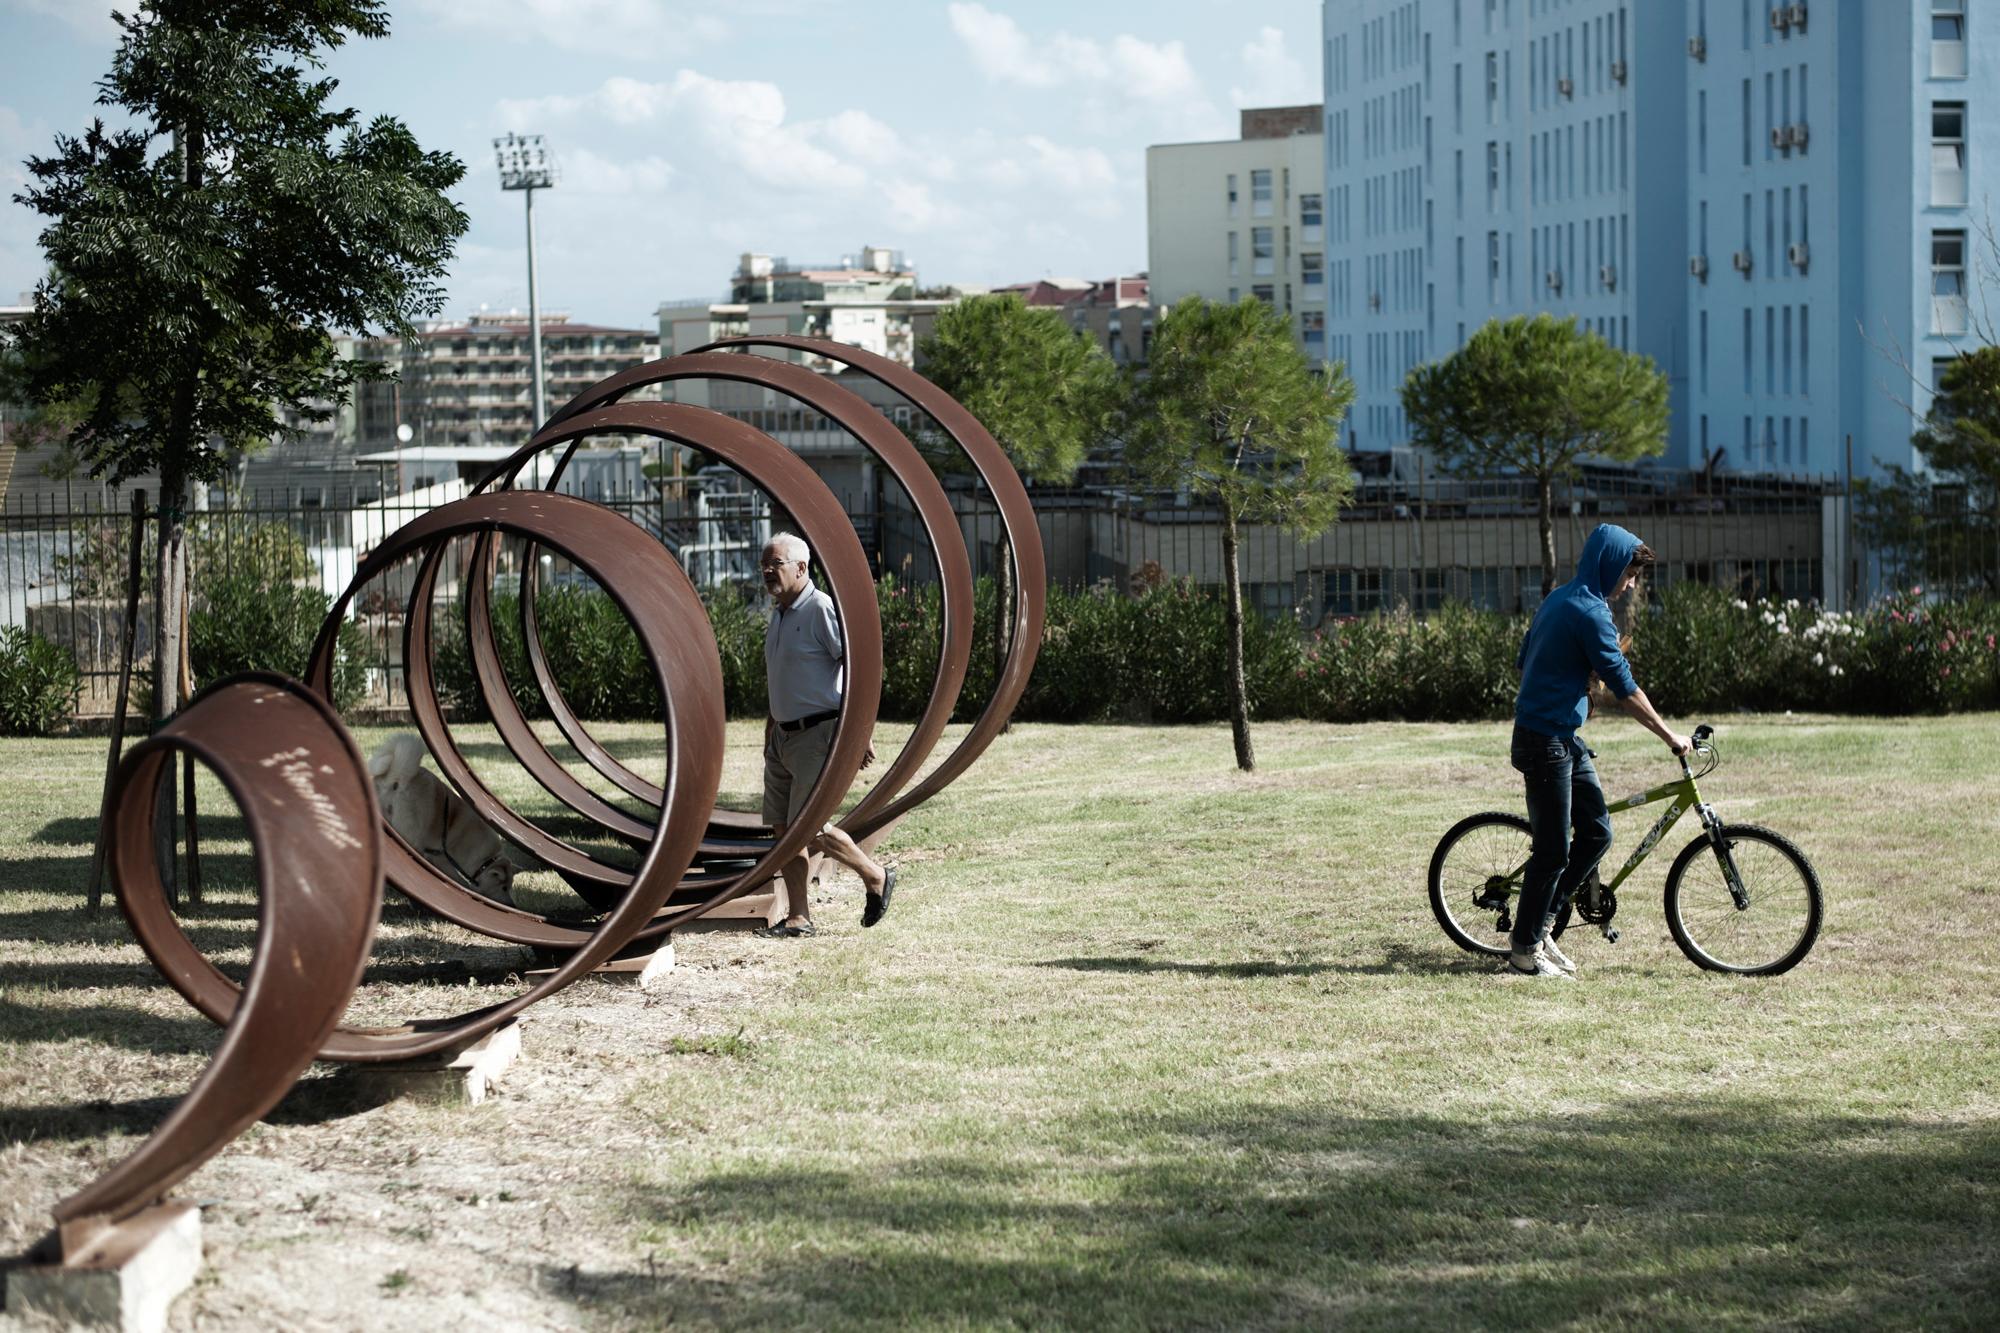 """Italia. Crotone 2013: Il """"Parco di Pitagora"""" nel centro della città è allestito con sculture e costruzioni che richiamano le invenzioni dei pitagorici. Inaugurato nel 2003 è caduto quasi immediatamente in uno stato di abbandono e oggi si sta tentando la sua riqualificazione."""